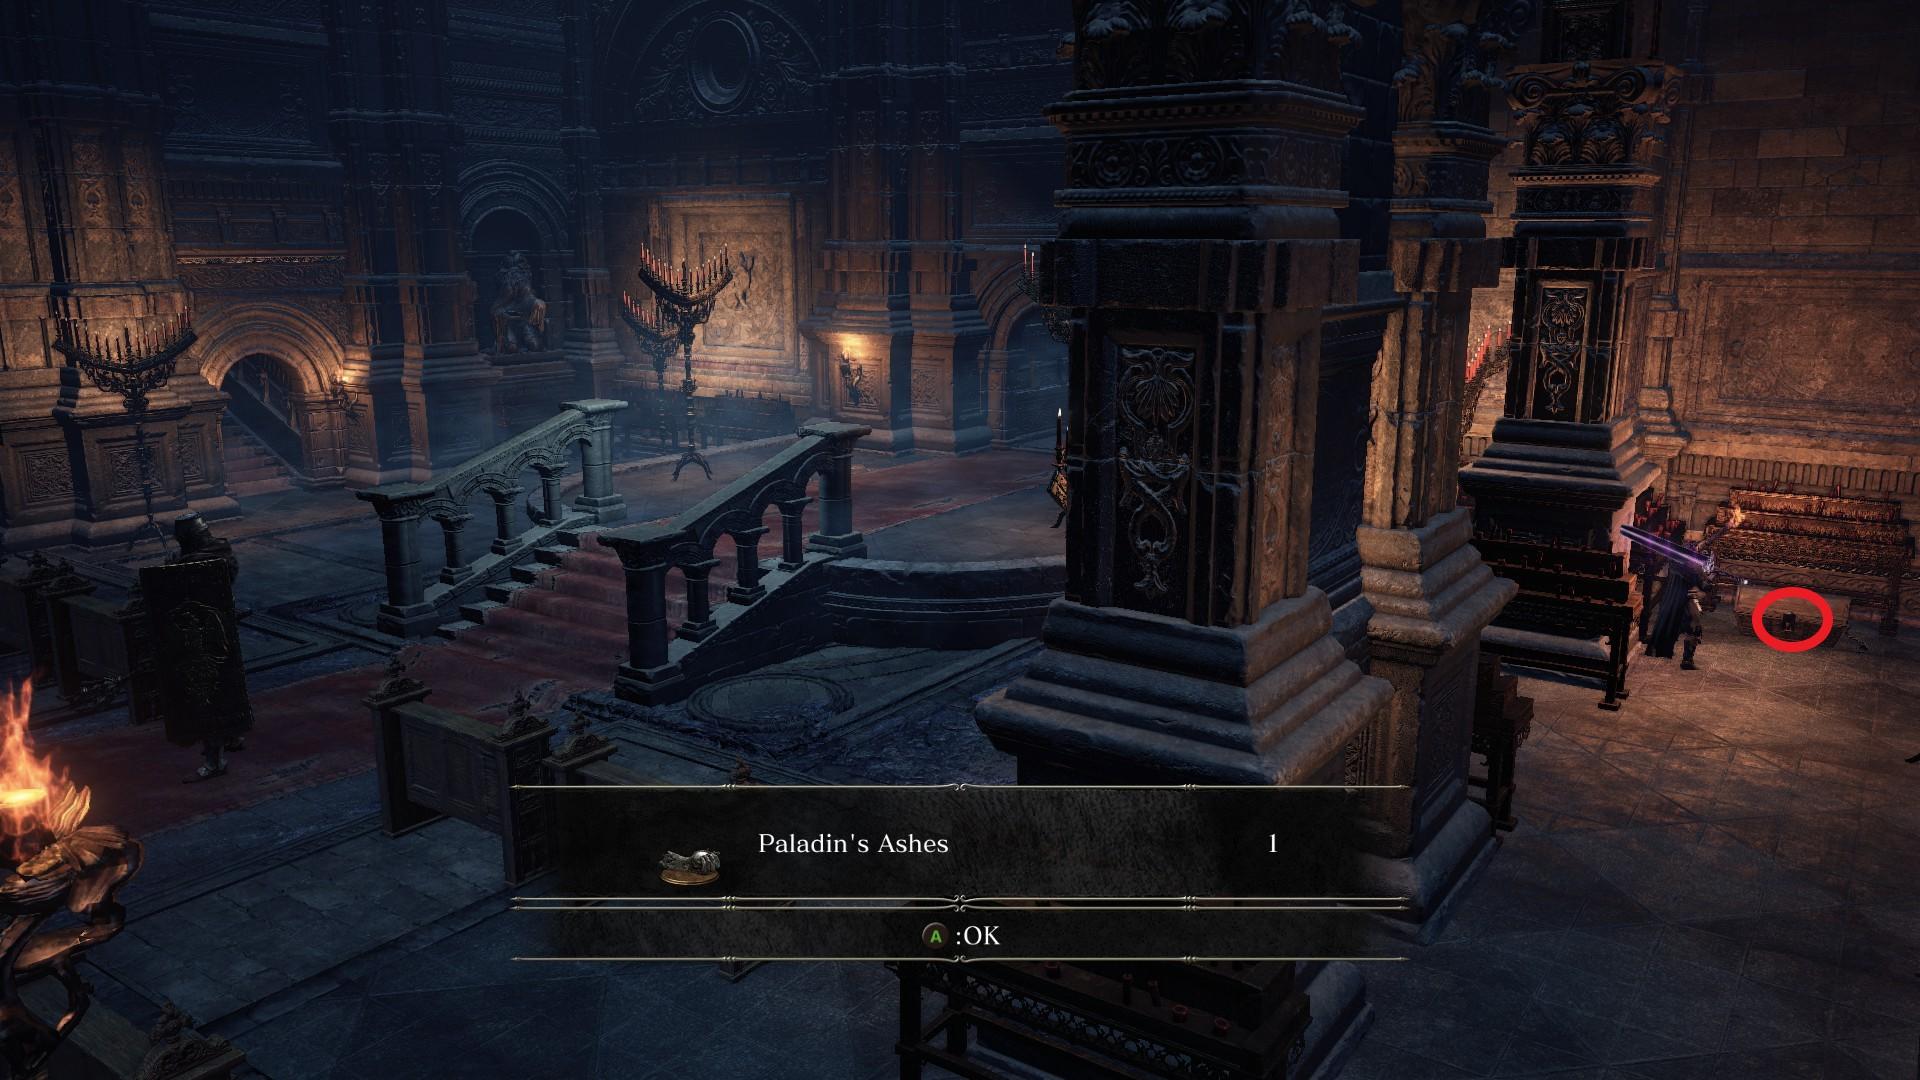 Paladins_Ashes.jpg